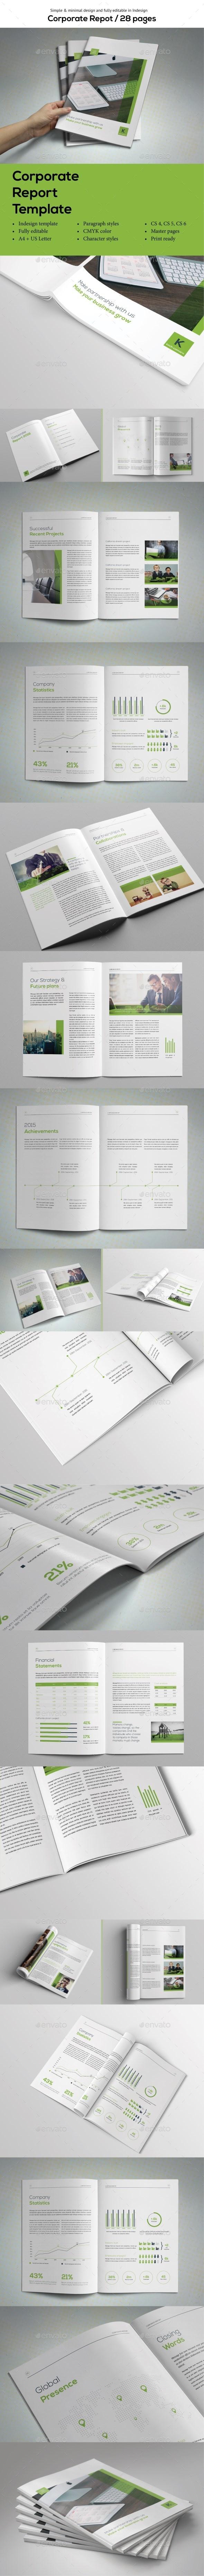 Simple Corporate Report - Informational Brochures